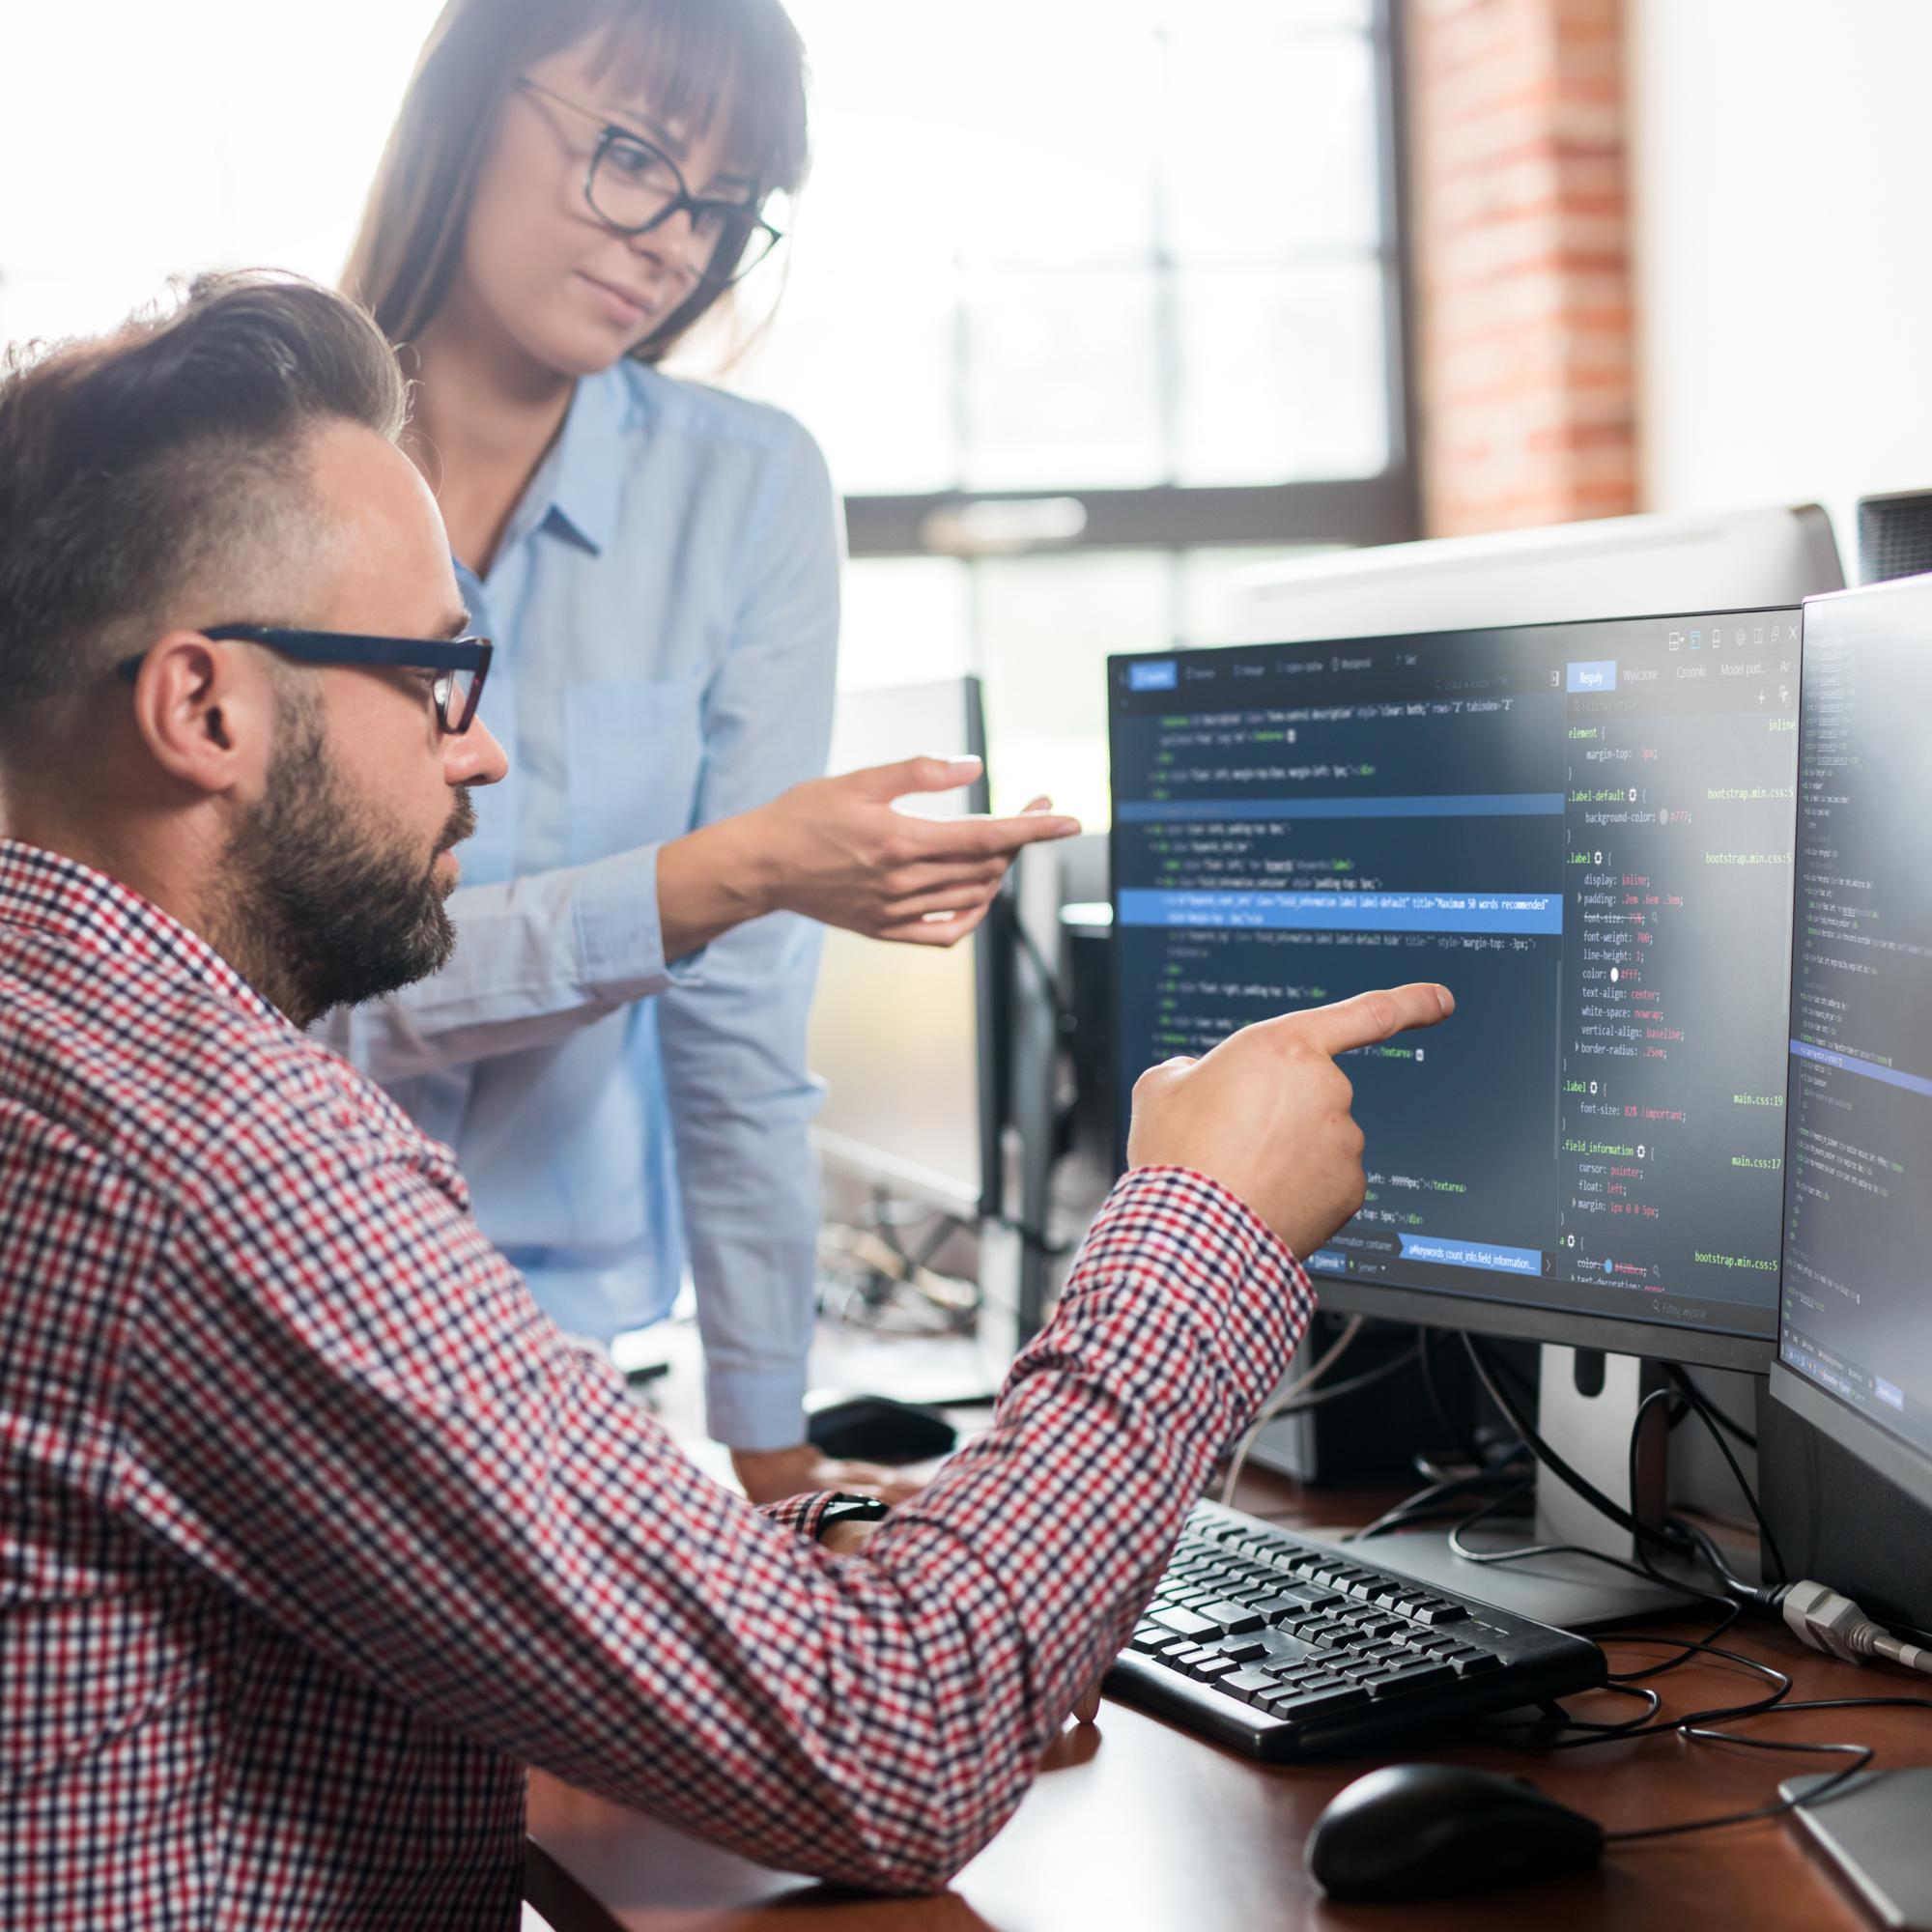 Softwareentwicklung bei WABSOLUTE